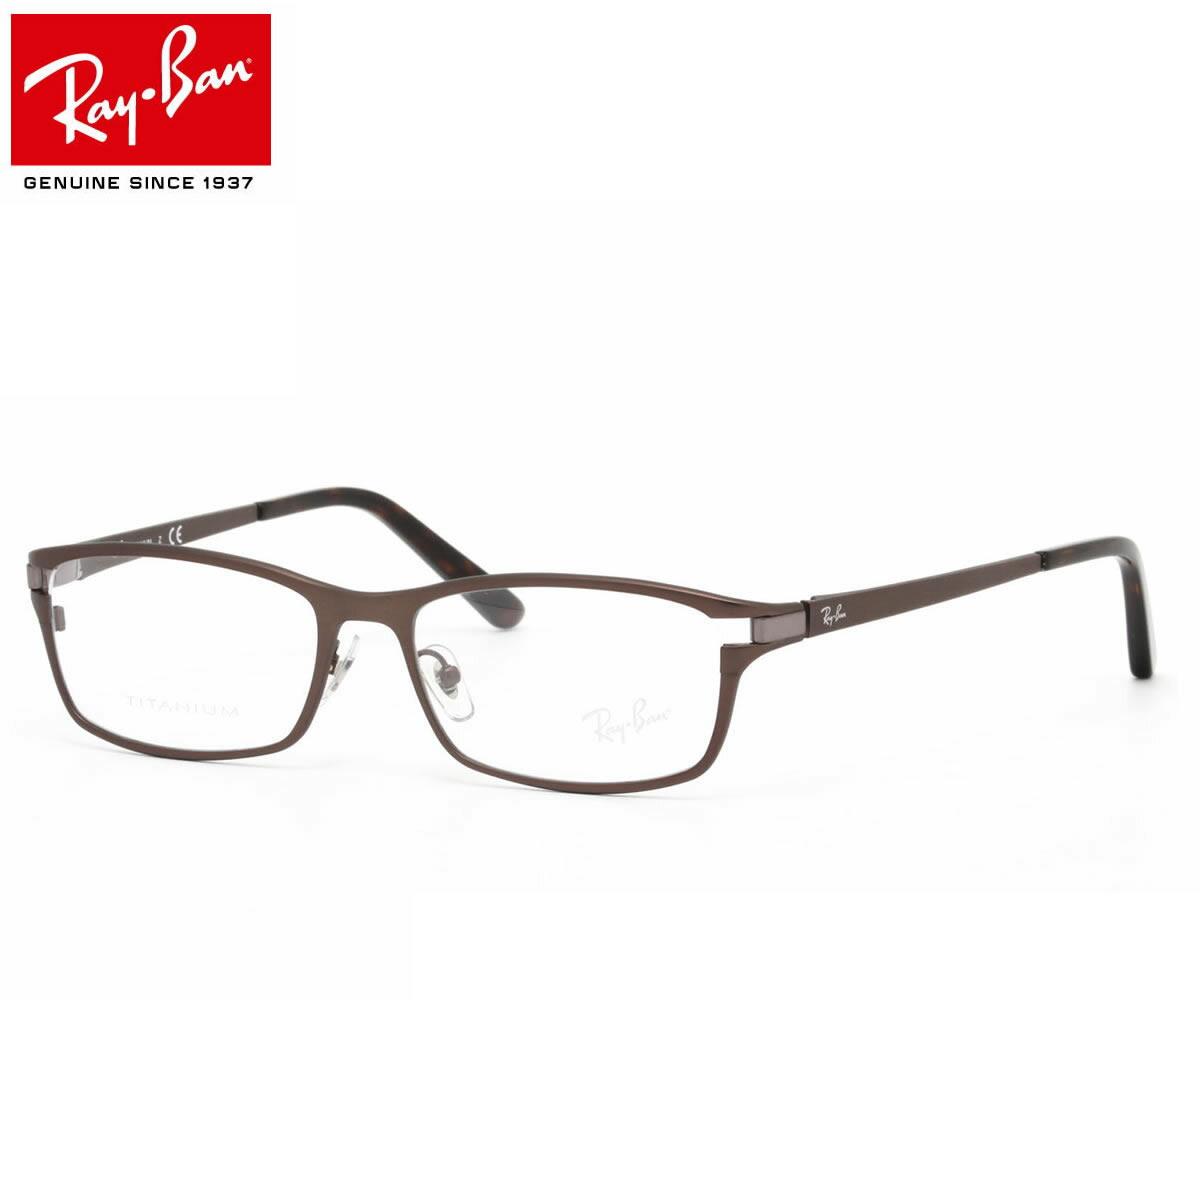 レイバン メガネ 正規商品販売店 14時までのご注文で即日発送 日本全国送料無料 ギフトバッグ コンビニ手数料無料 安心と信頼 限定モデル Ray-Ban RX8727D RayBan 1020 度数付き対応 JPフィット レディース メンズ レイバン純正レンズ対応 54 スクエア